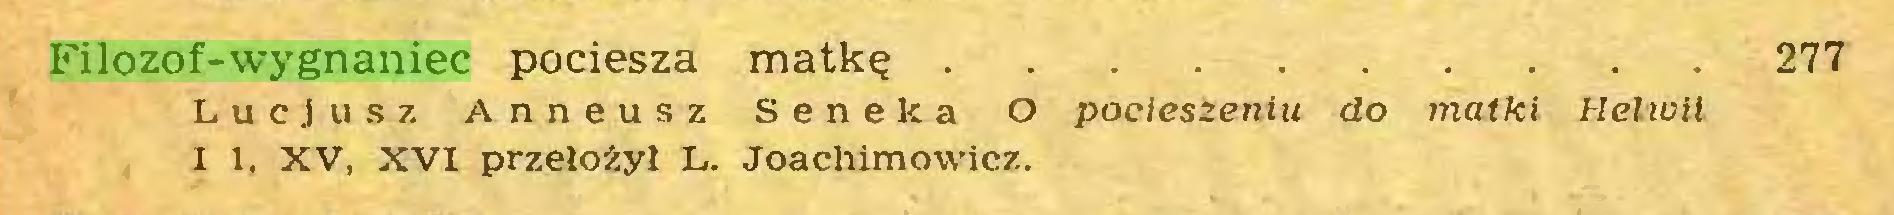 (...) Filozof-wygnaniec pociesza matkę 277 Lucjusz Anneusz Seneka O pocieszeniu do matki Helwil I 1. XV, XVI przełożył L. Joachimowicz...